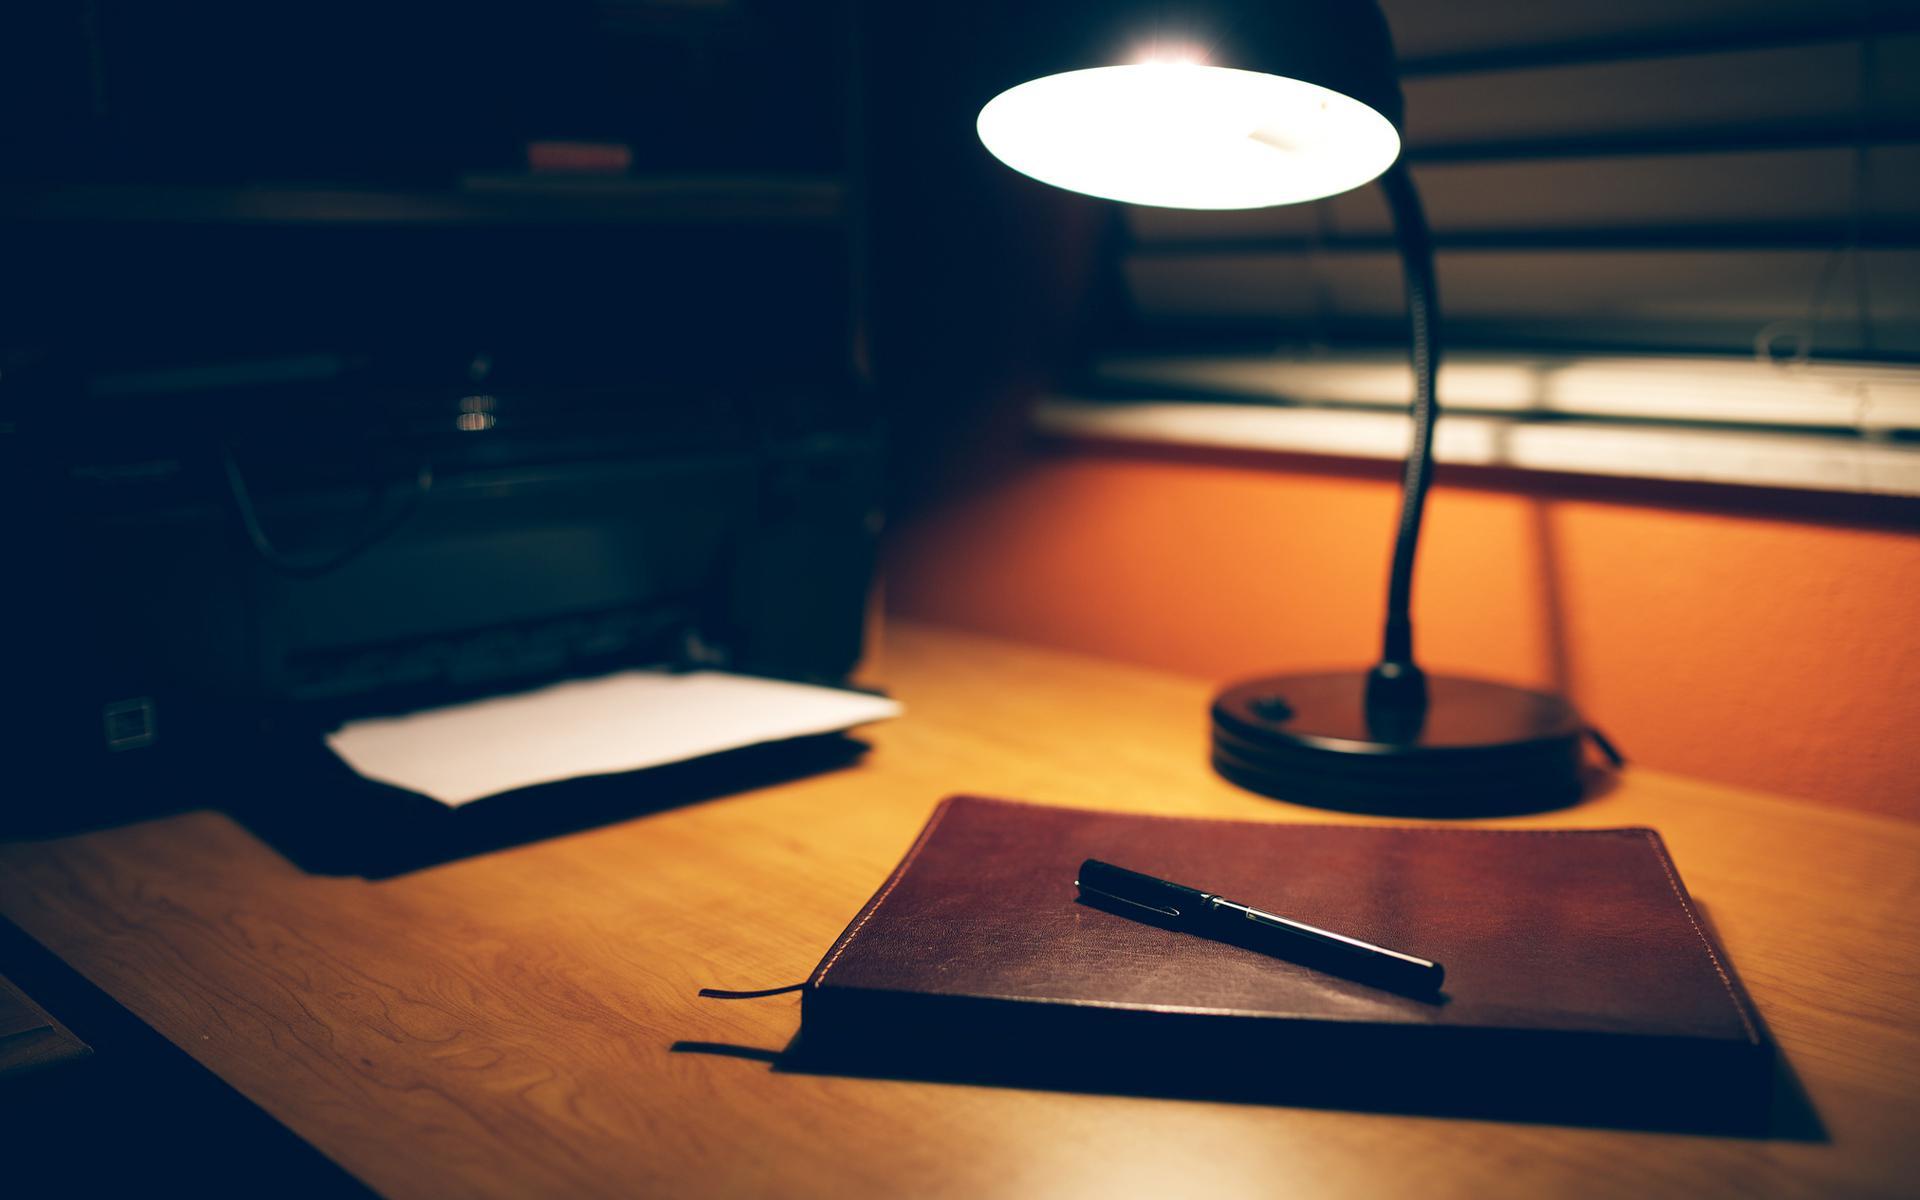 Desk Lamp Wallpaper 45943 1920x1200 Px Hdwallsource Com